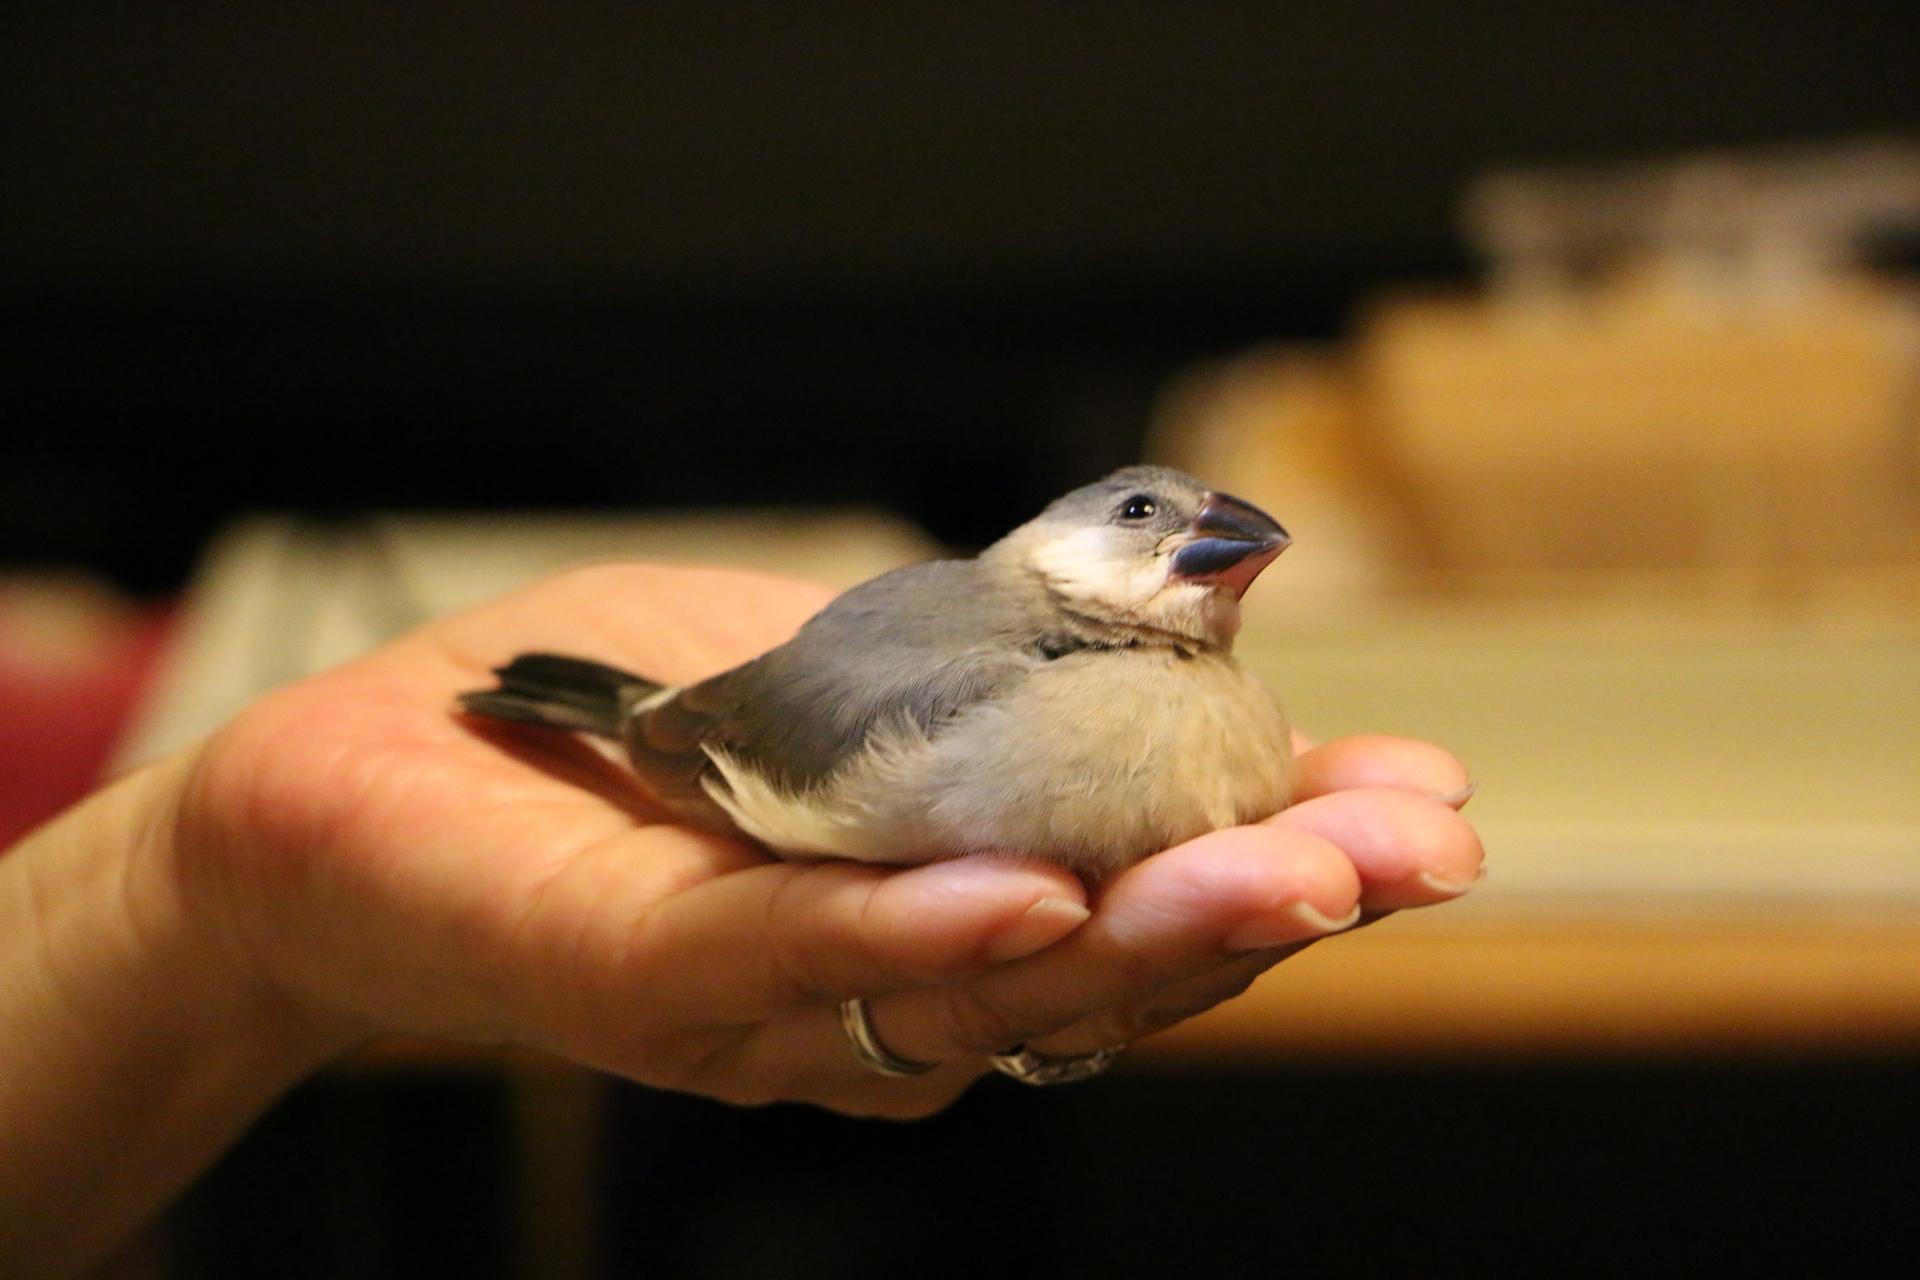 文鳥の体重が増えない時に飼い主ができることと必要な栄養素